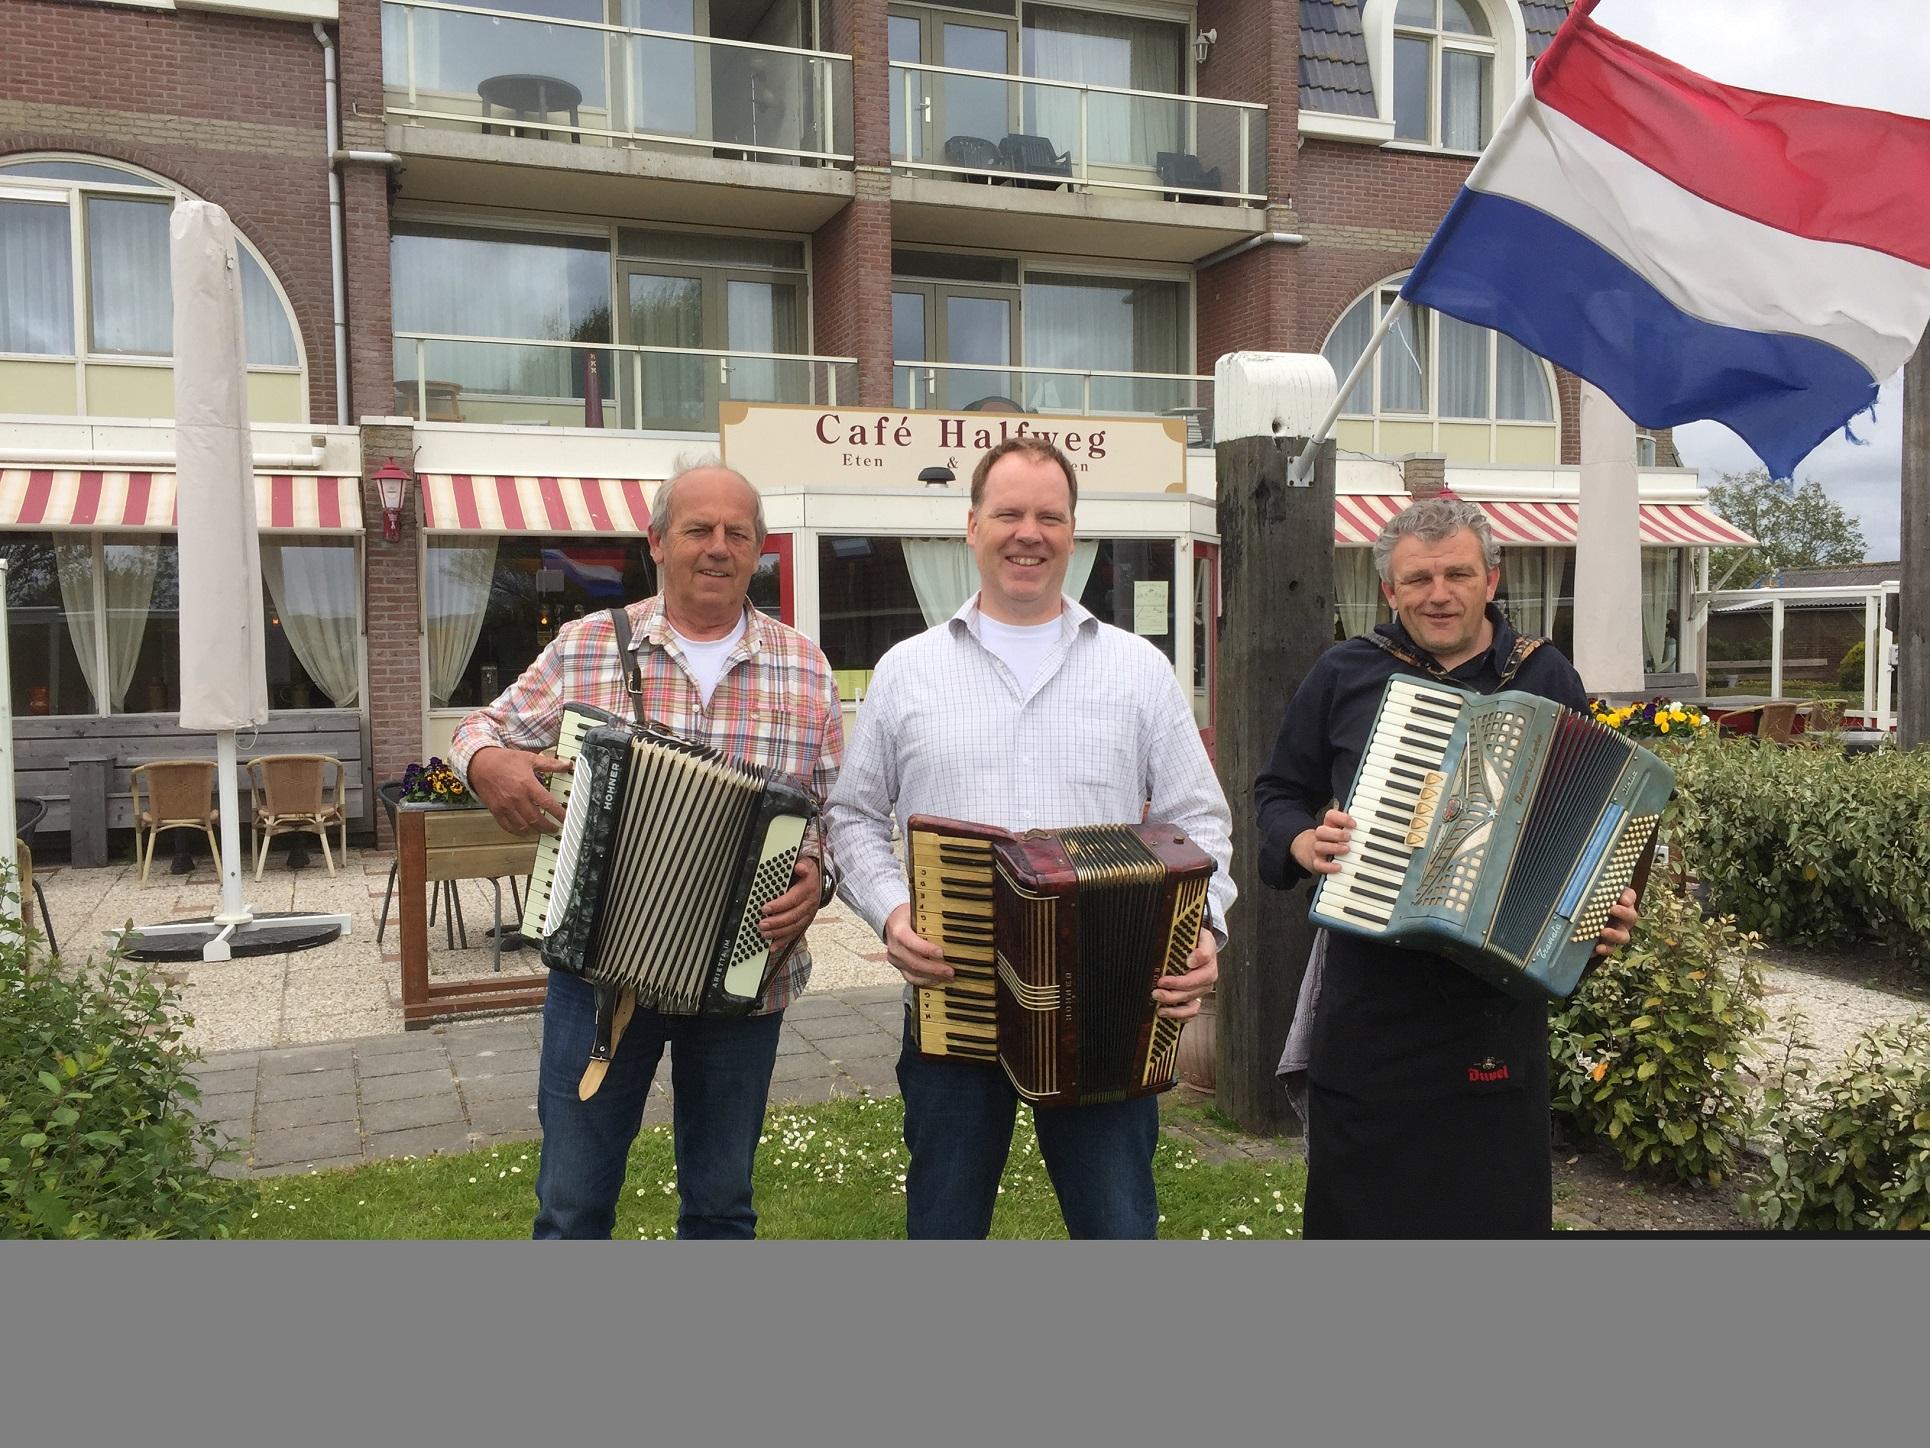 V.l.n.r.: de organisatoren van Accordeonfestival Krabbendam: Jonker, Mulders en Schilder. (Foto: aangeleverd)